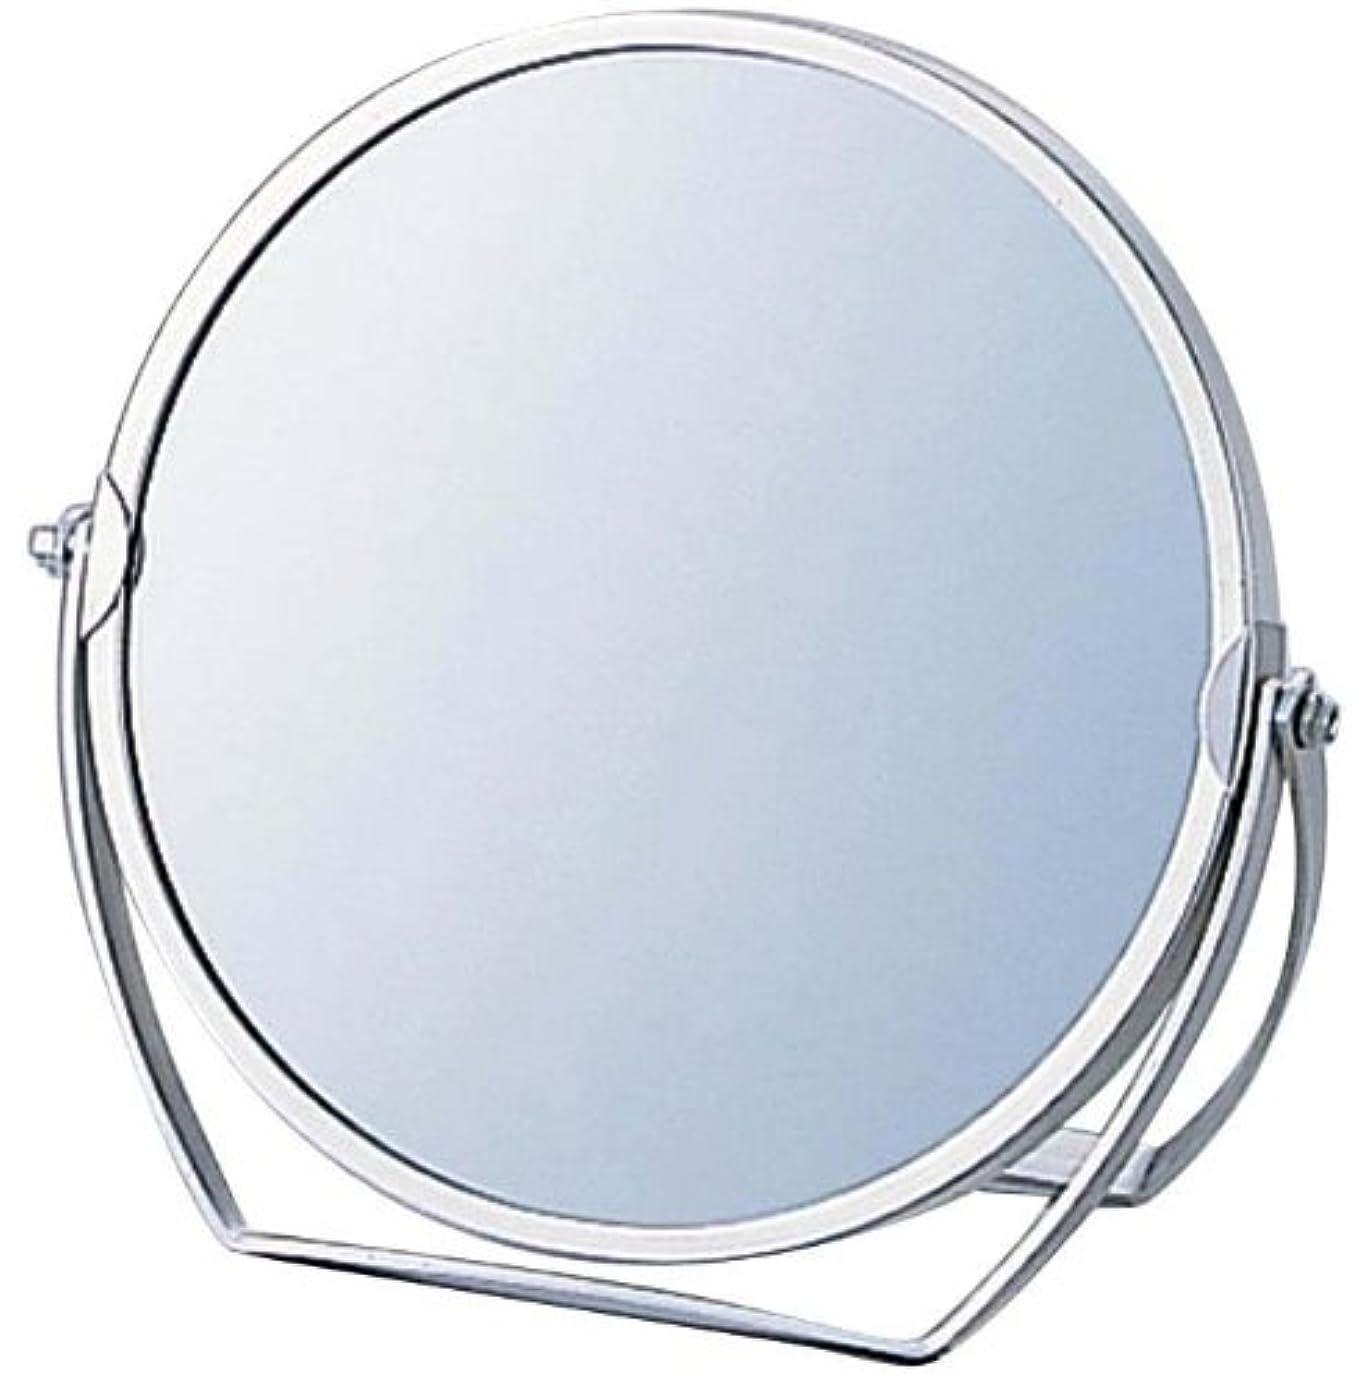 性差別化粧がっかりする3倍拡大鏡付き スタンドミラー 丸 ST-032